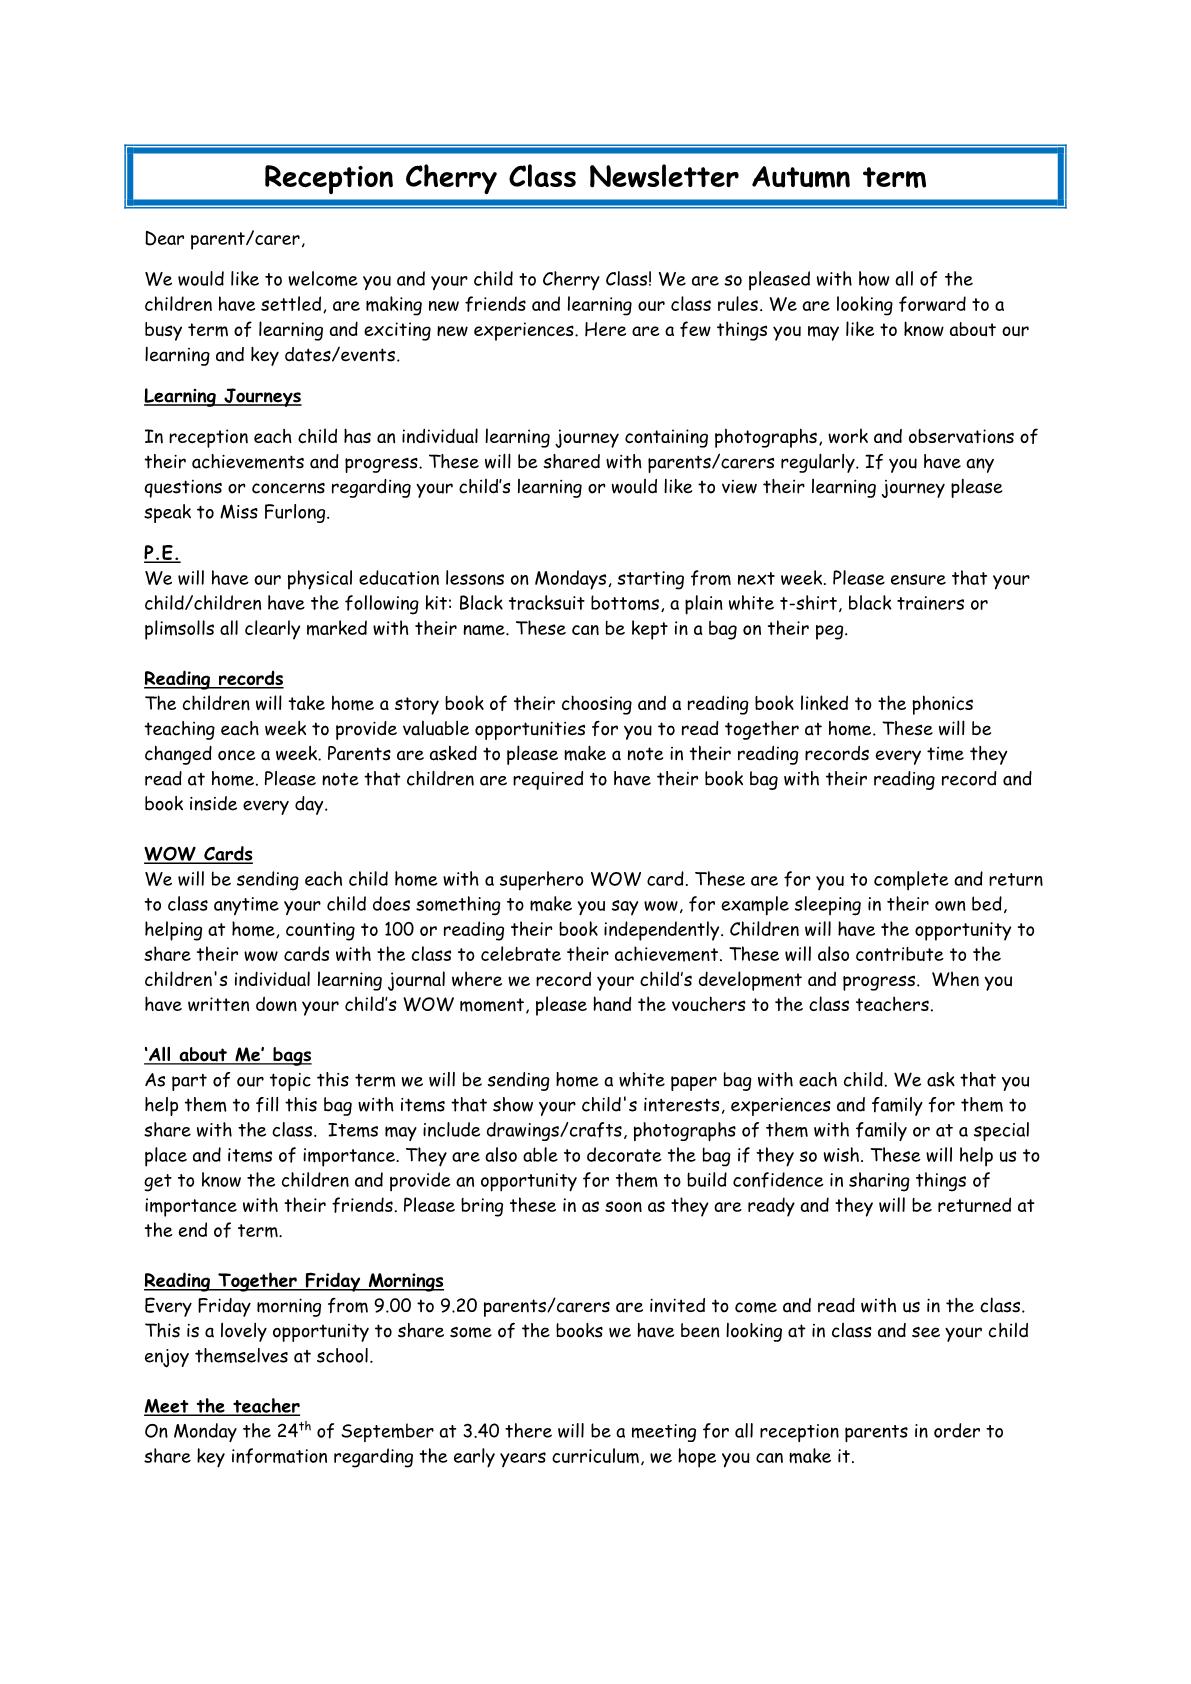 Cherry Class Newsletter 2018